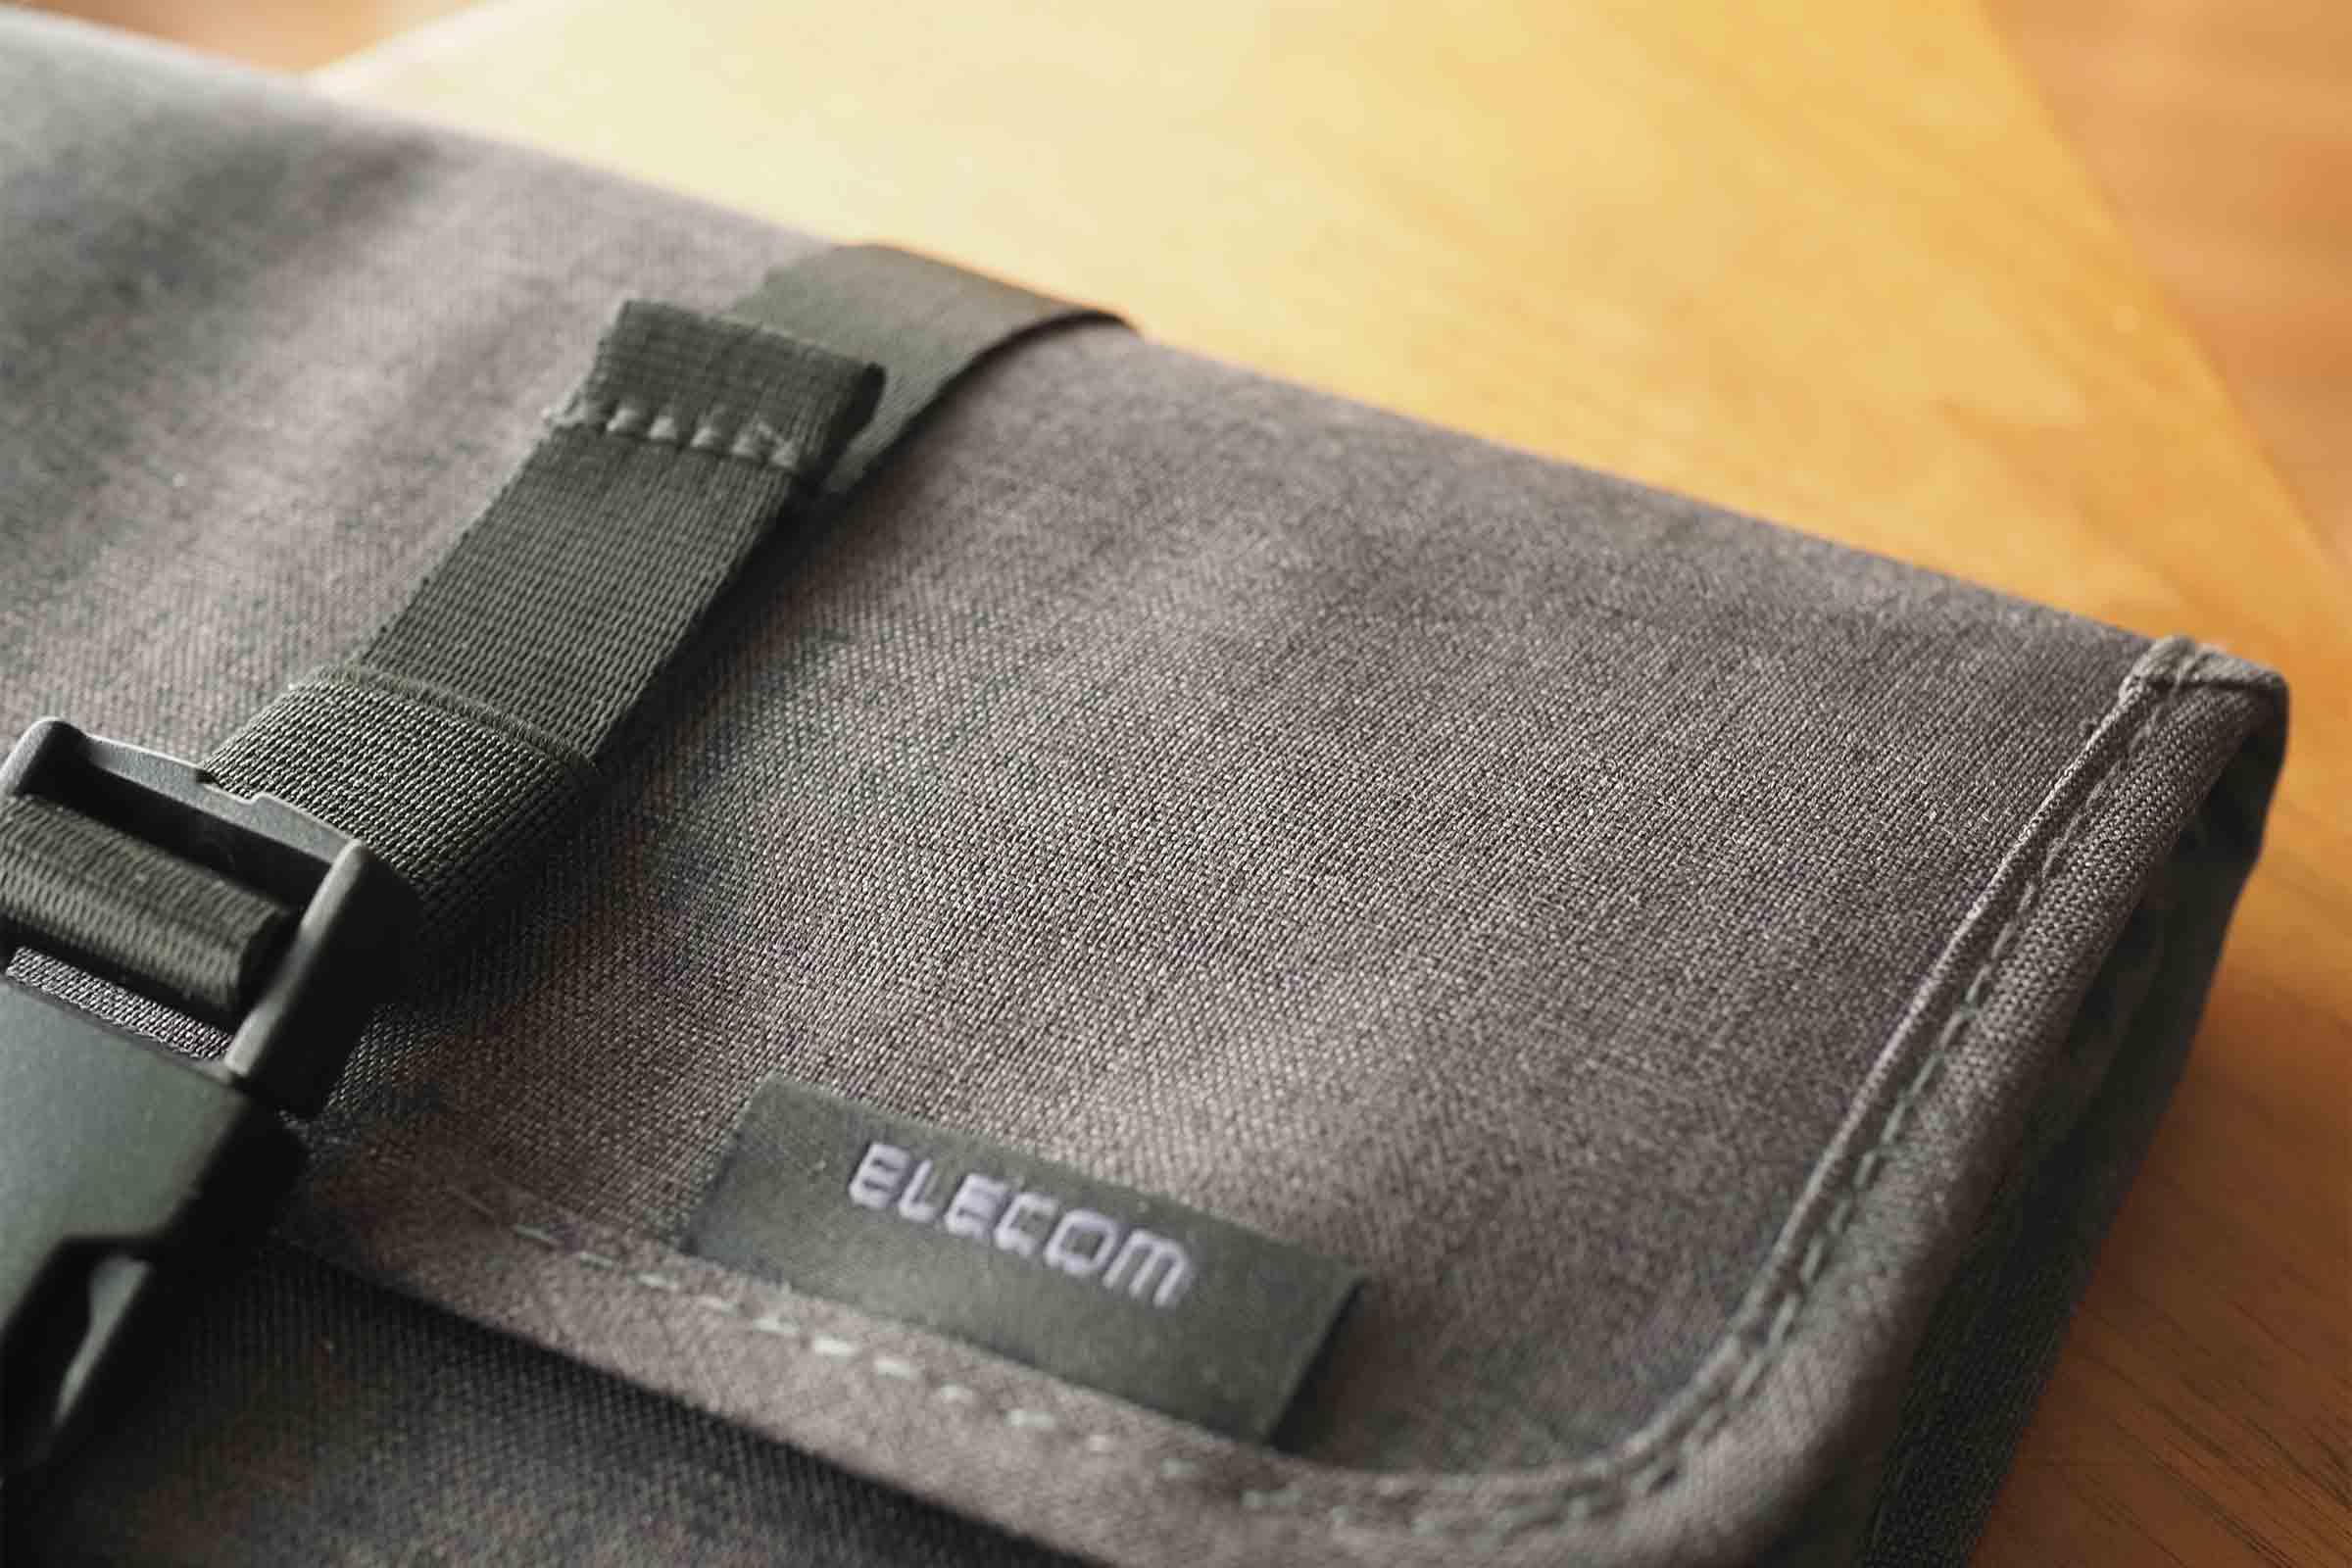 エレコム,ELECOM,ガジェットポーチ,マルチポーチ,便利,素材